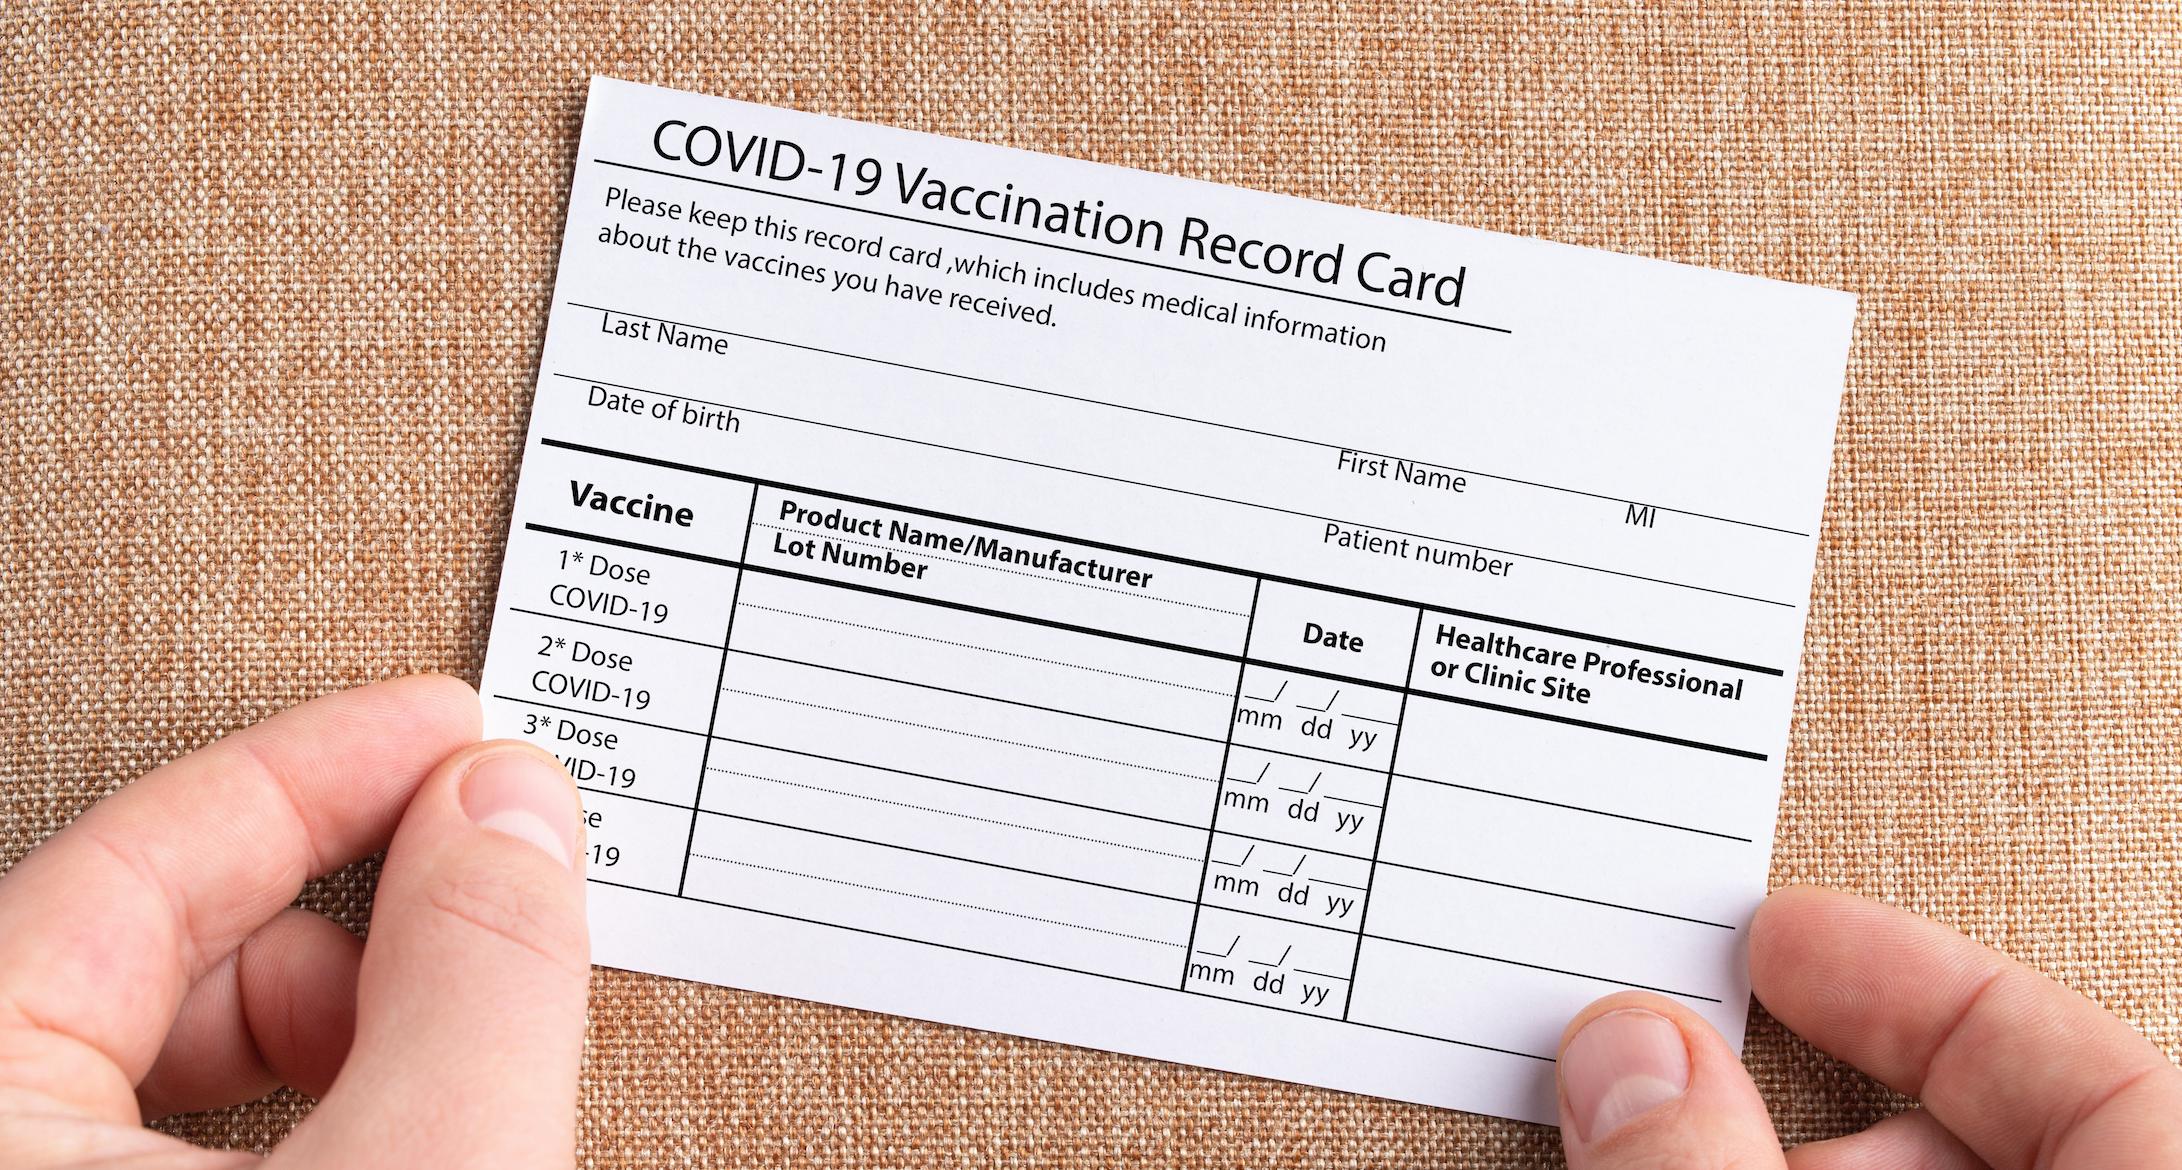 COVID-19 Update: Vaccine Rollout Improves in U.S.